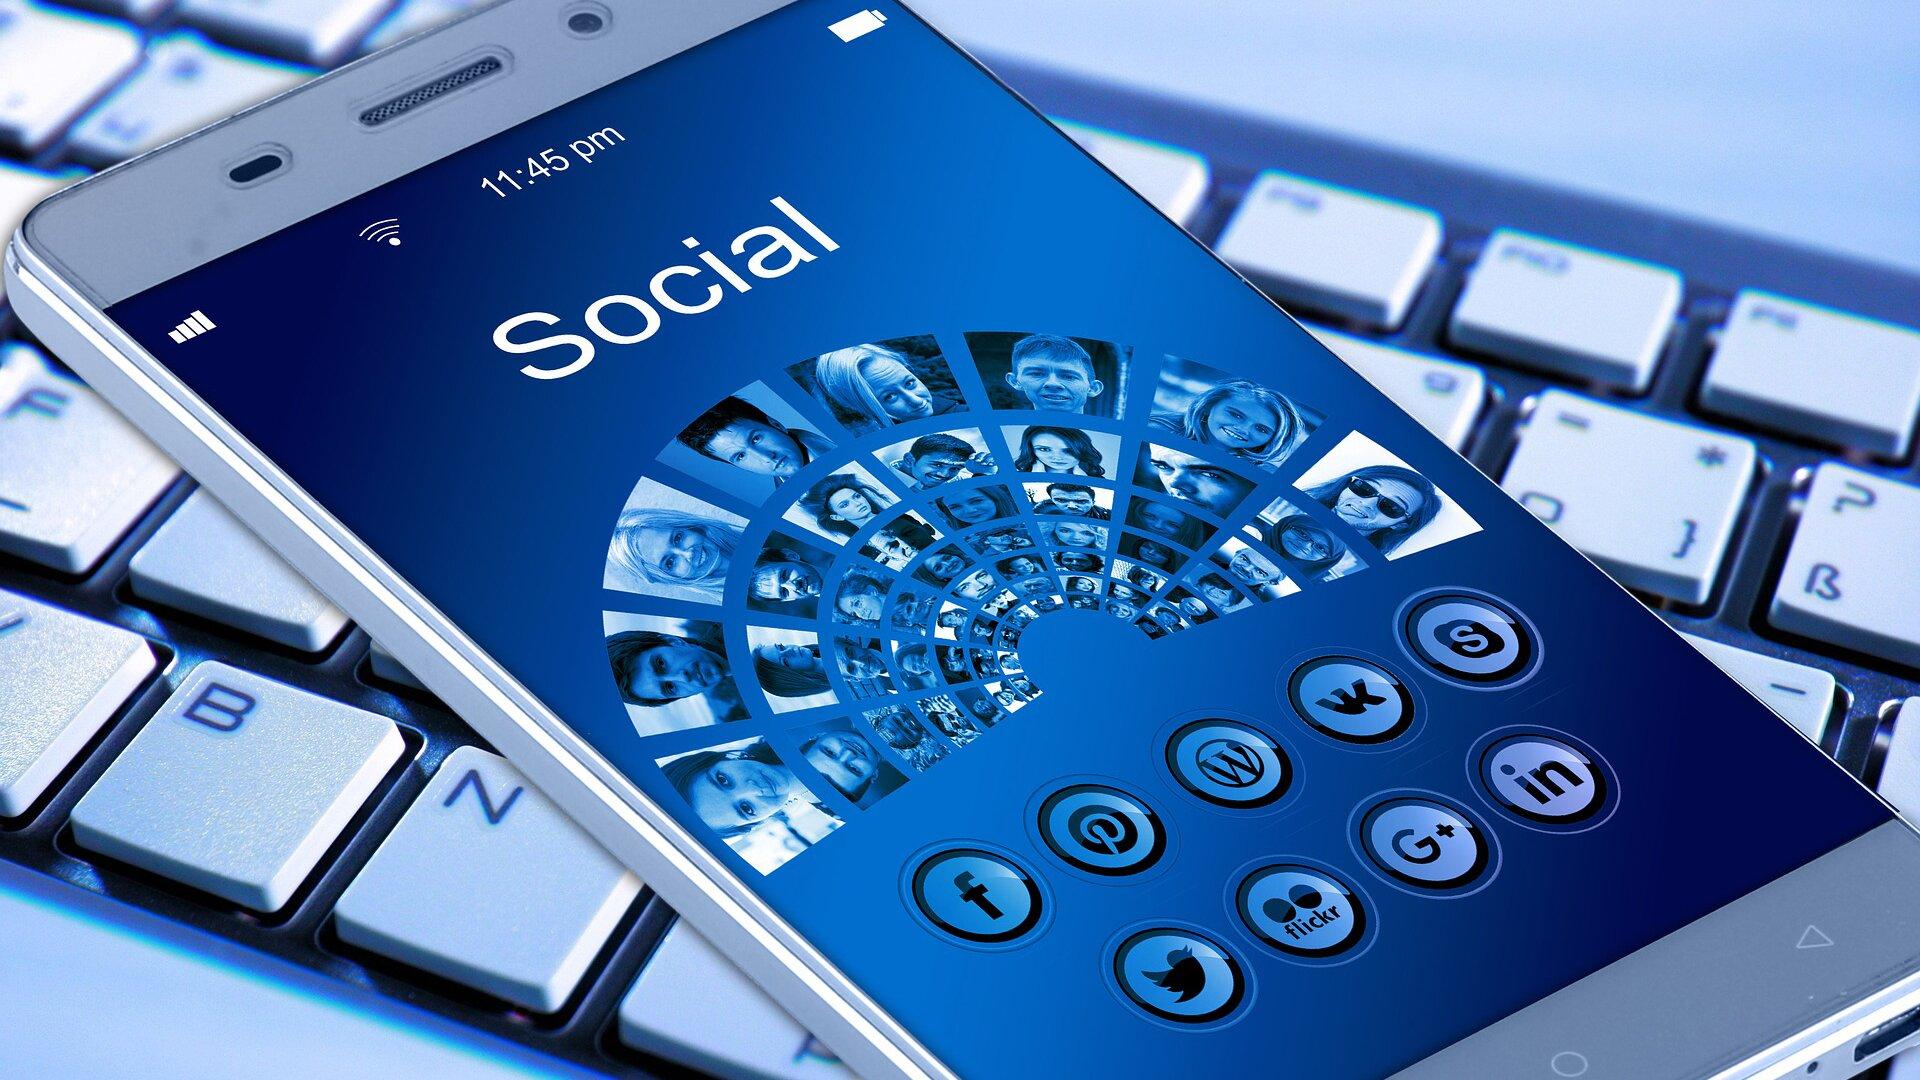 """Zdjęcie przedstawia leżący na klawiaturze komputera smartfon. Na jego ekranie widać otwartą stronę mediów społecznościowych zdużym napisem """"Social"""" oraz ze zdjęciami ludzkich twarzy ułożonych na ekranie półkoliście. Na dole ekranu widać przyciski do nawigacji."""